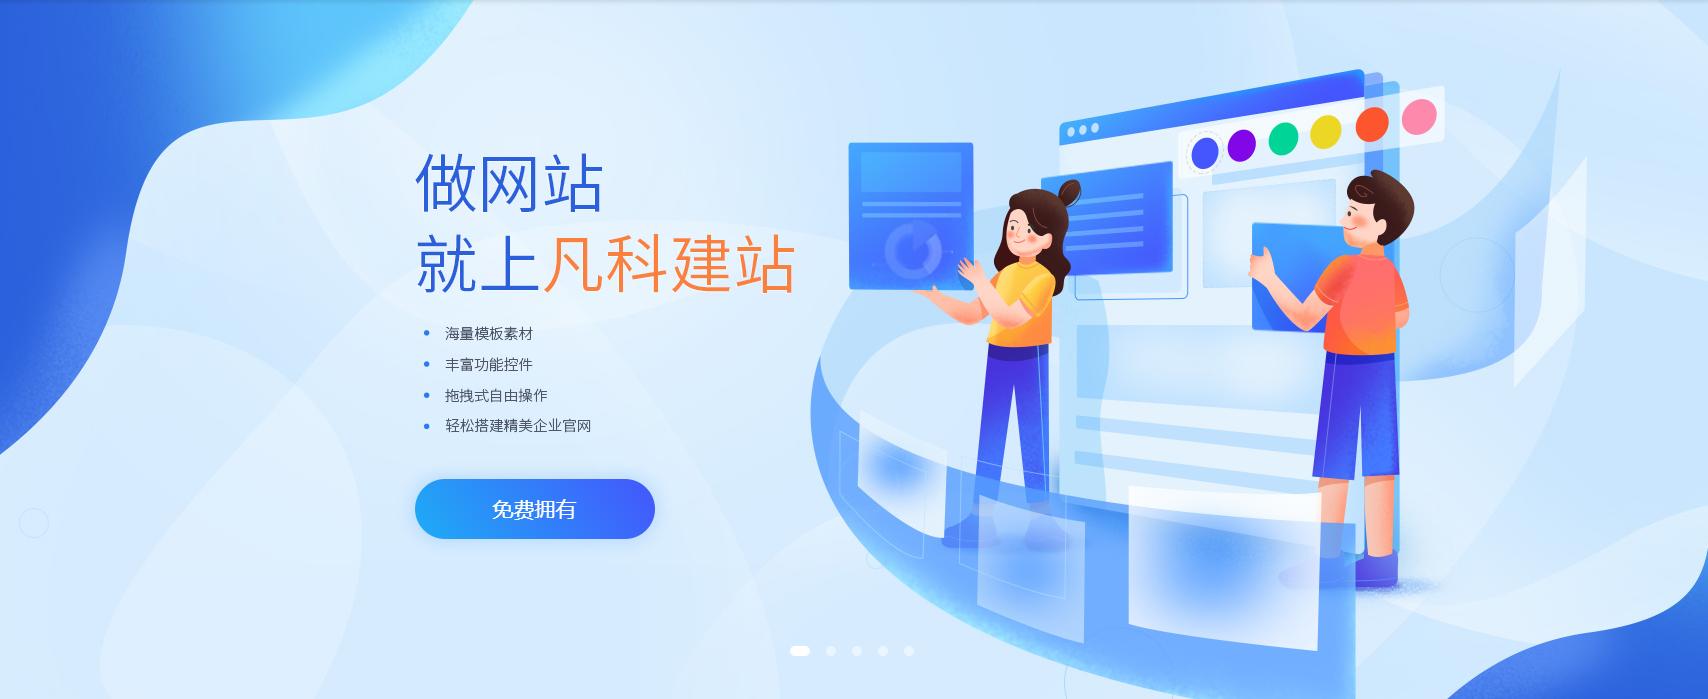 企业官方网站如何自助建站